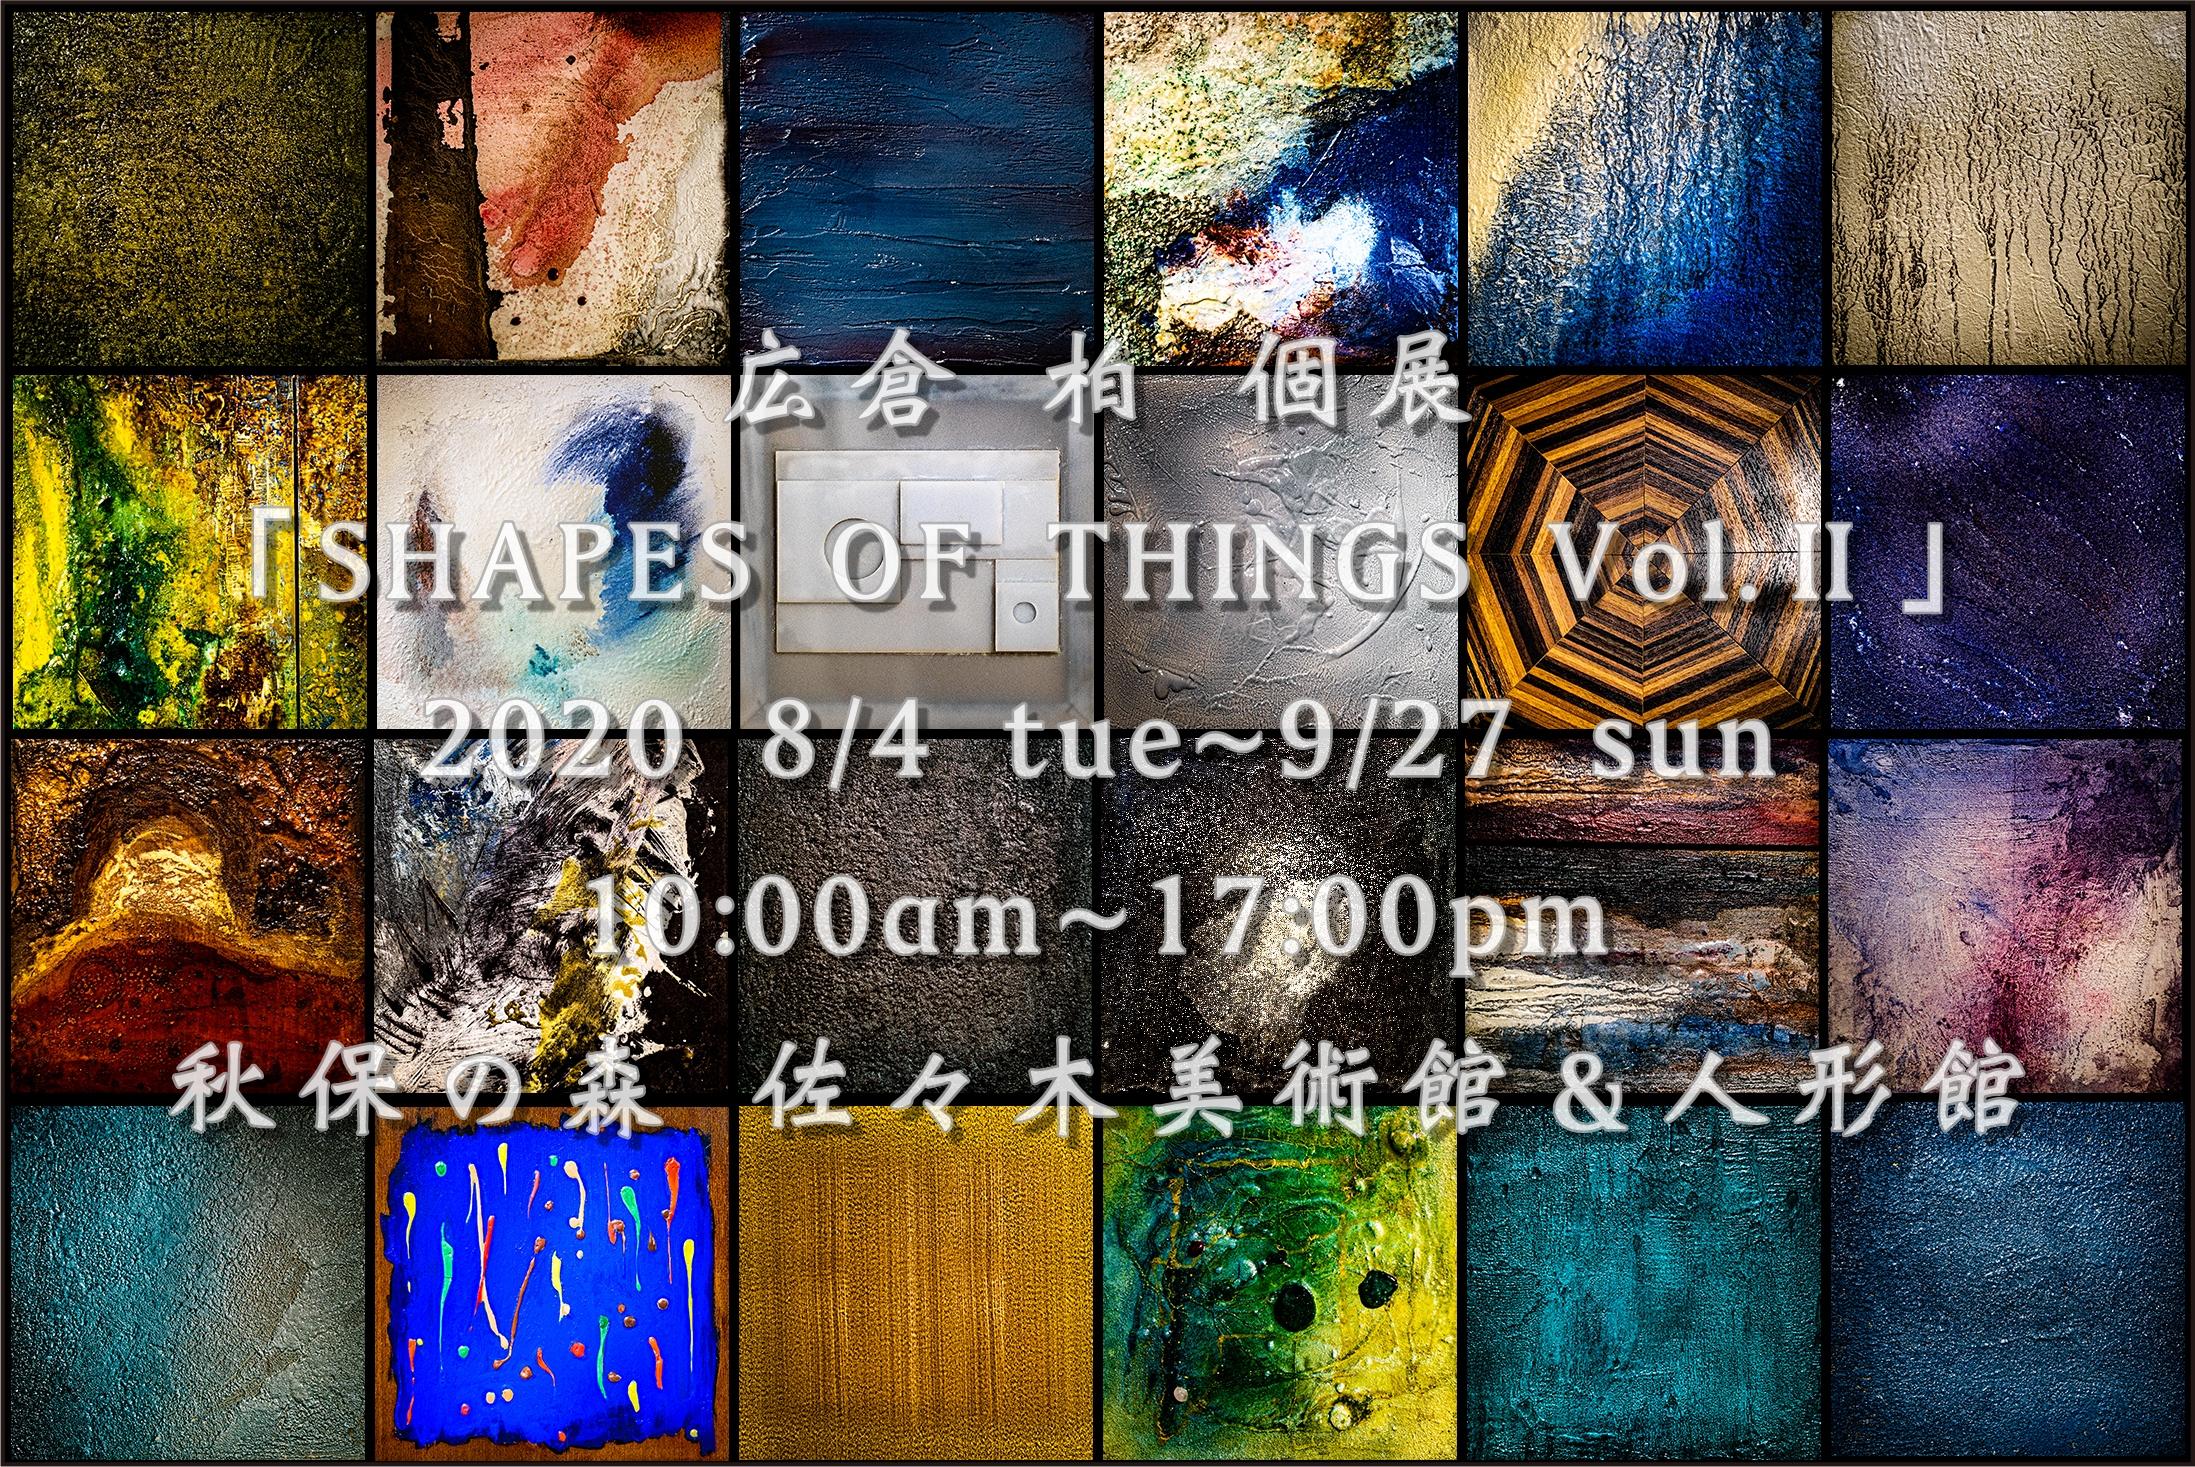 広倉 柏 個展「SHAPES OF THNGS Vol.Ⅱ」